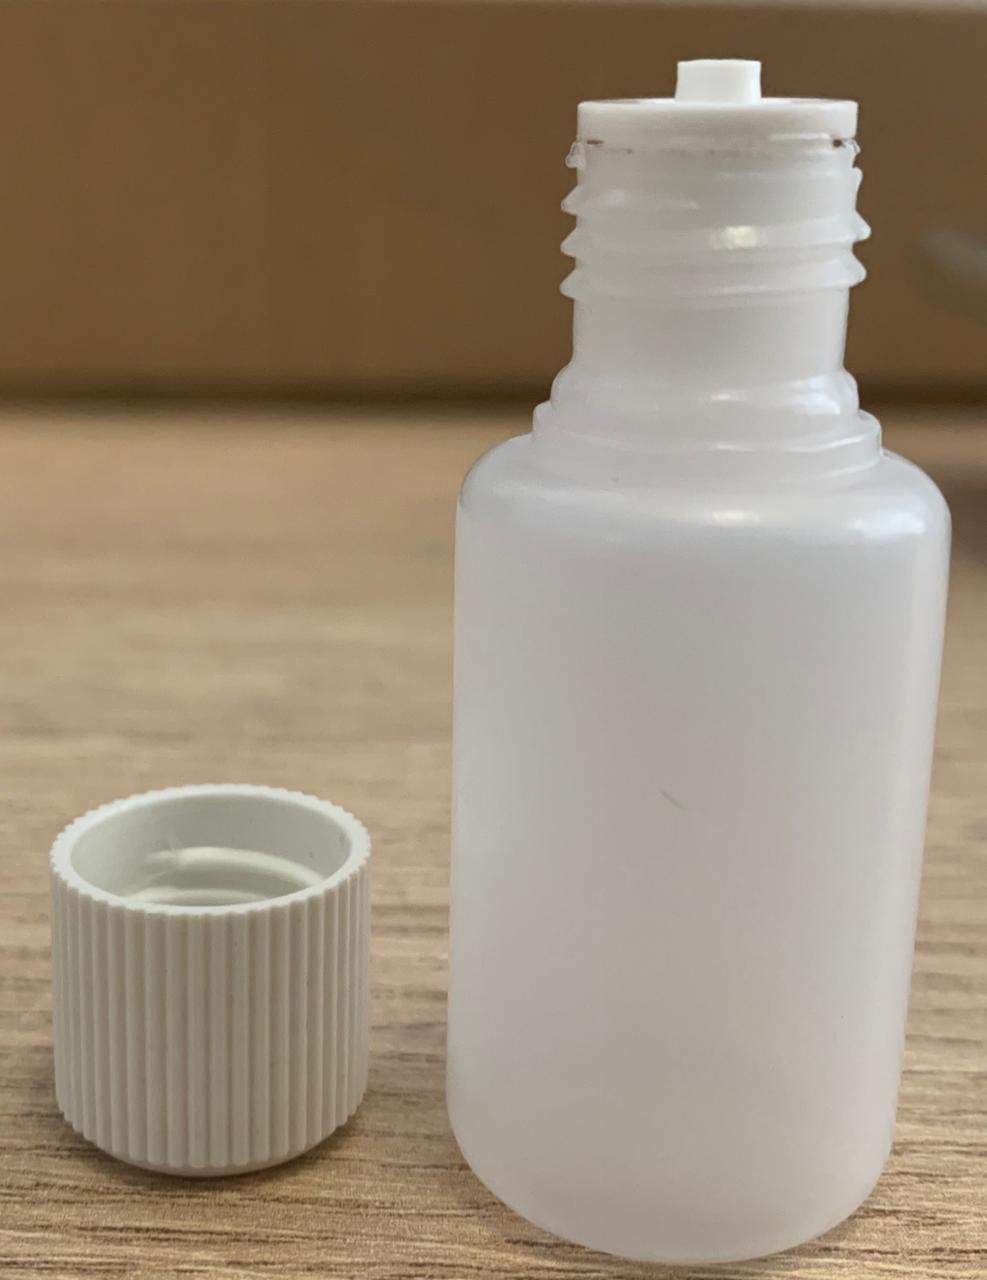 Frasco conta gotas de Plástico Sem Lacre 10 ml kit com 10 unidades